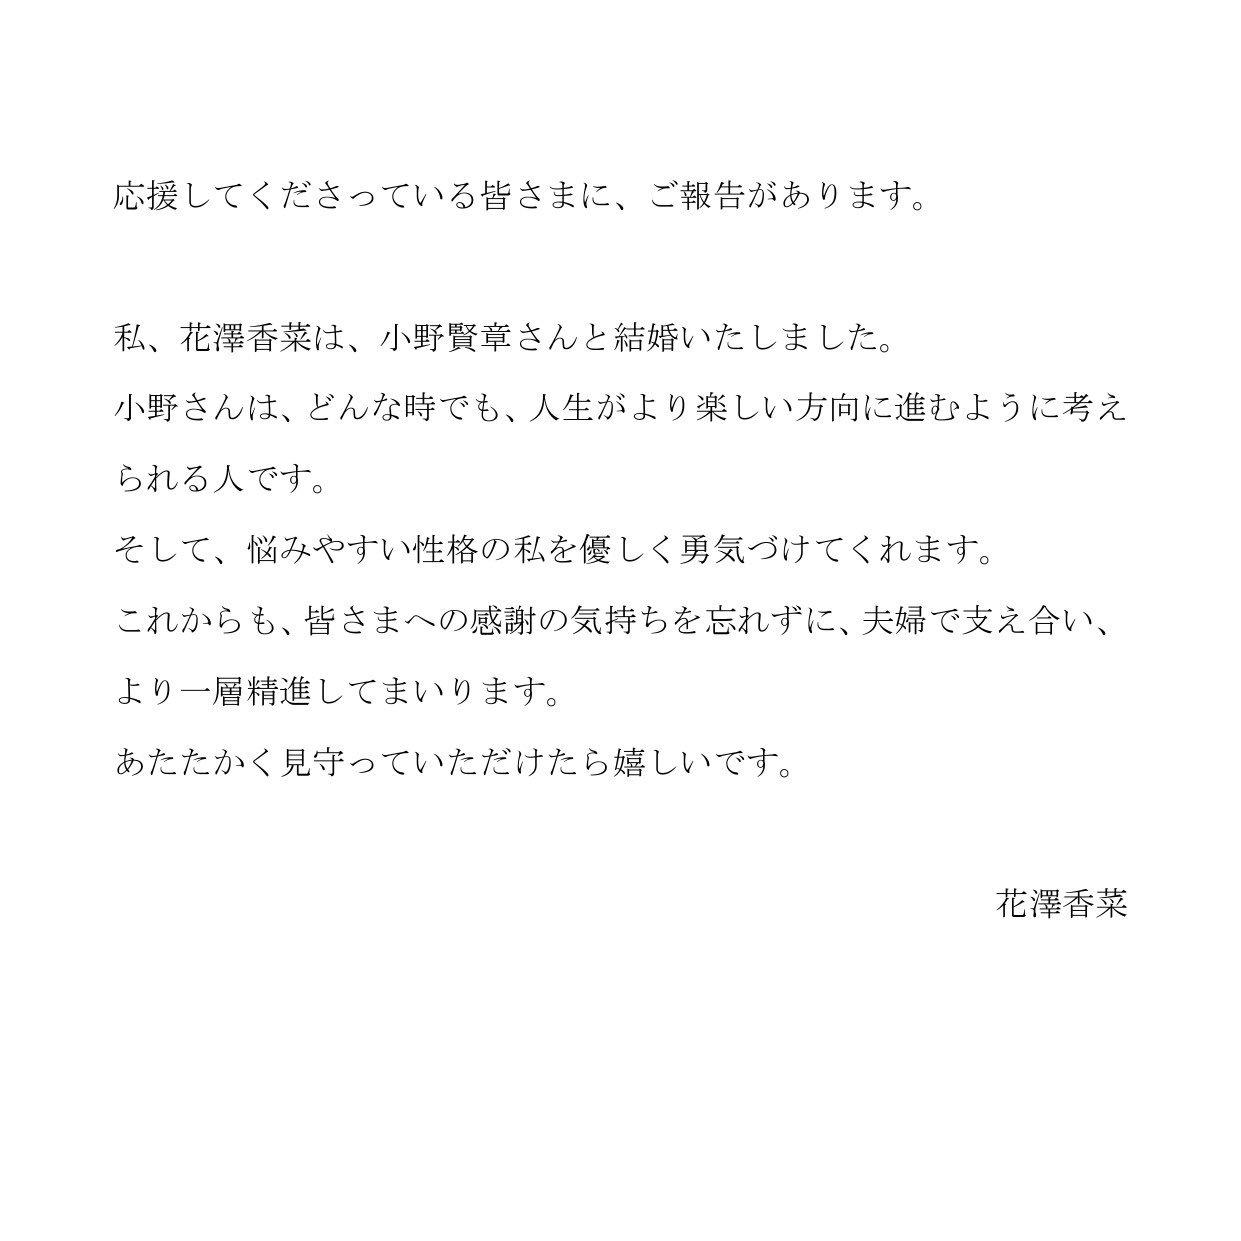 花泽香菜结婚声明